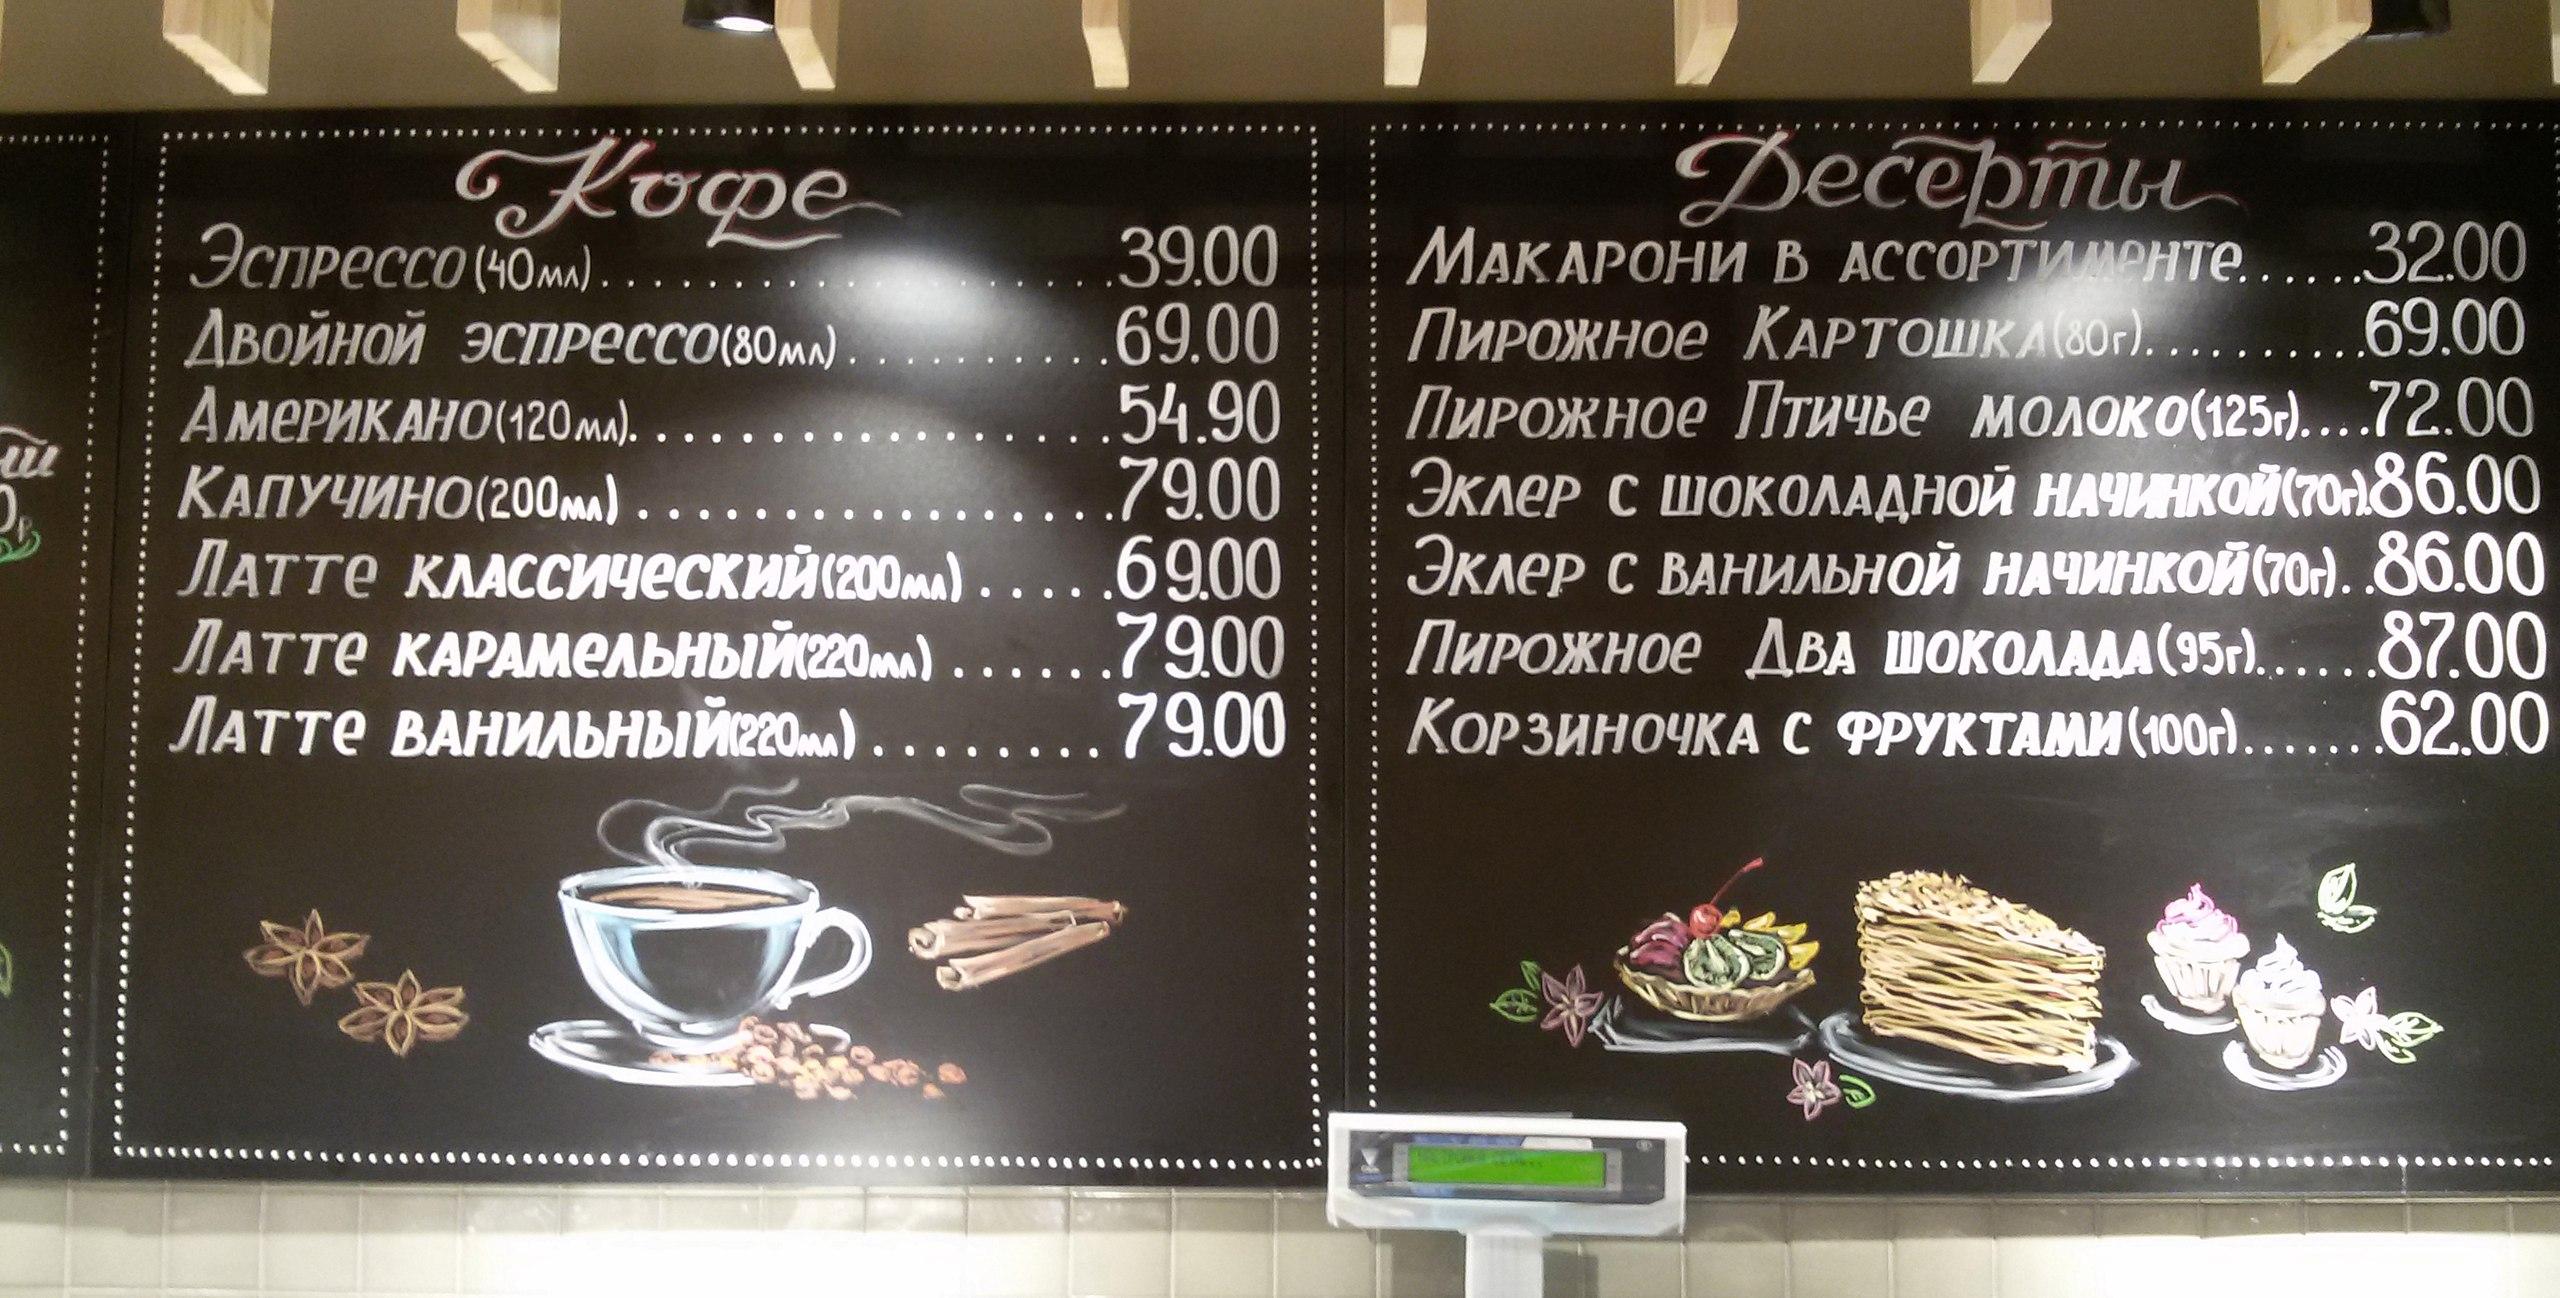 Оформление для АЗБУКИ ВКУСА_34.jpg